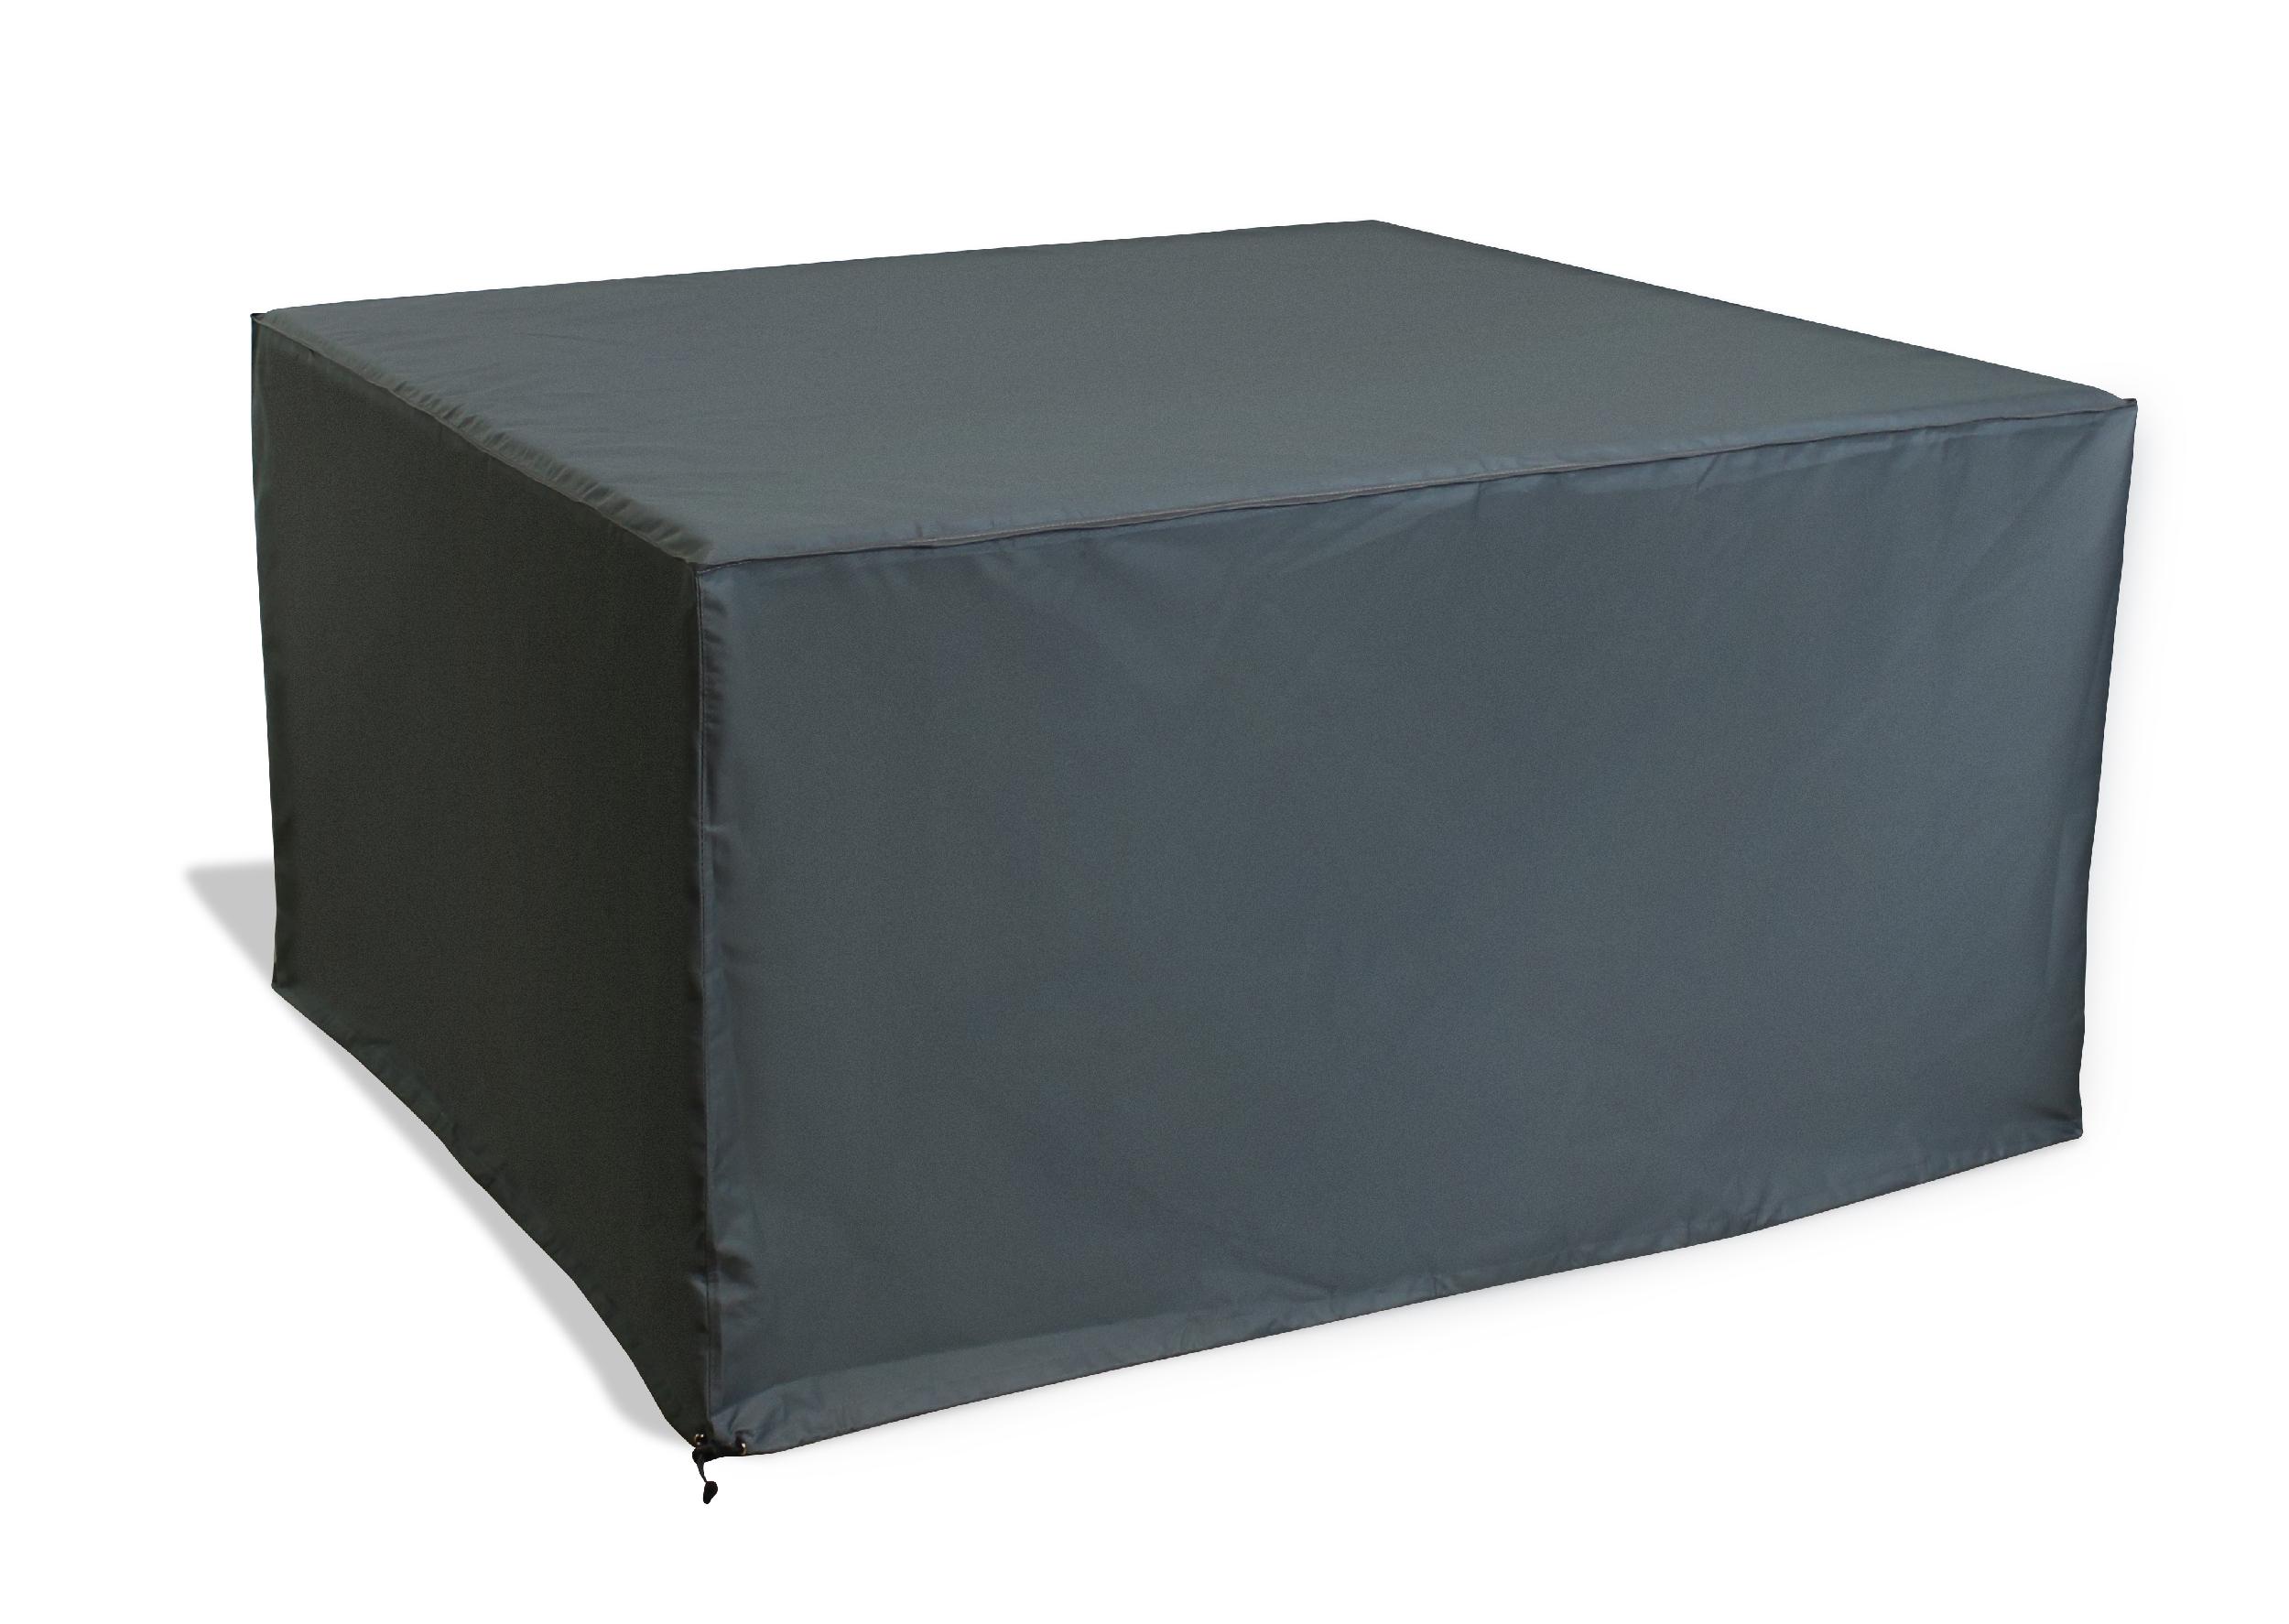 Housse de protection pour table de jardin en polyester gris